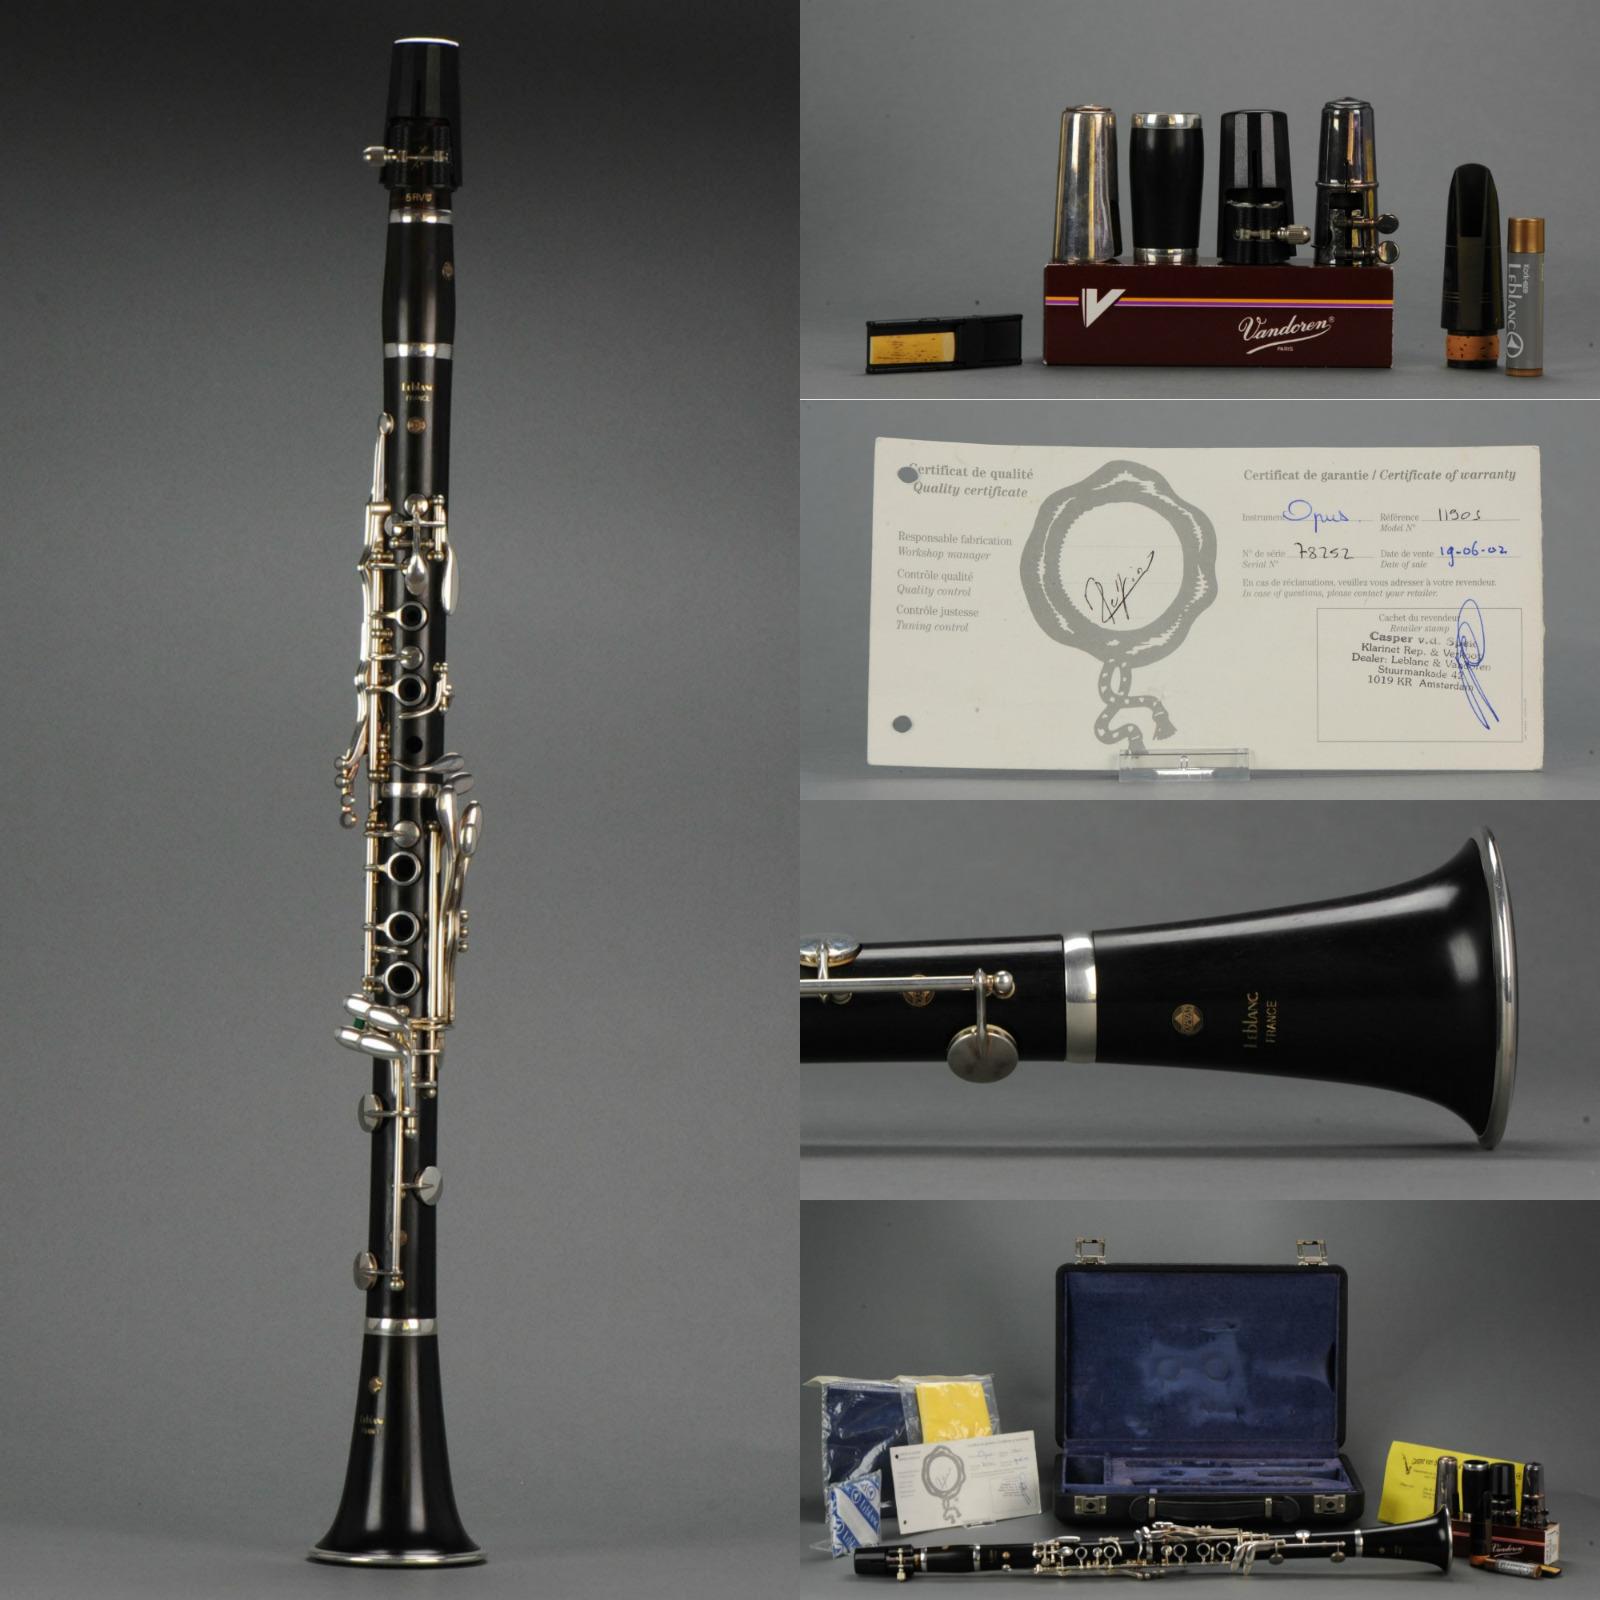 Merk  Leblanc   Serie nr  78252   Typ  OPUS 1   Applicatuur  Verzilverd18 / 6 (linker Eb klep)   Corpus  Hout   Prijs  € 2100, -   Bijzonderheden:  Instrument is internationaal bespeeld en zo goed als nieuw met veel extra accessoires  VERKOCHT